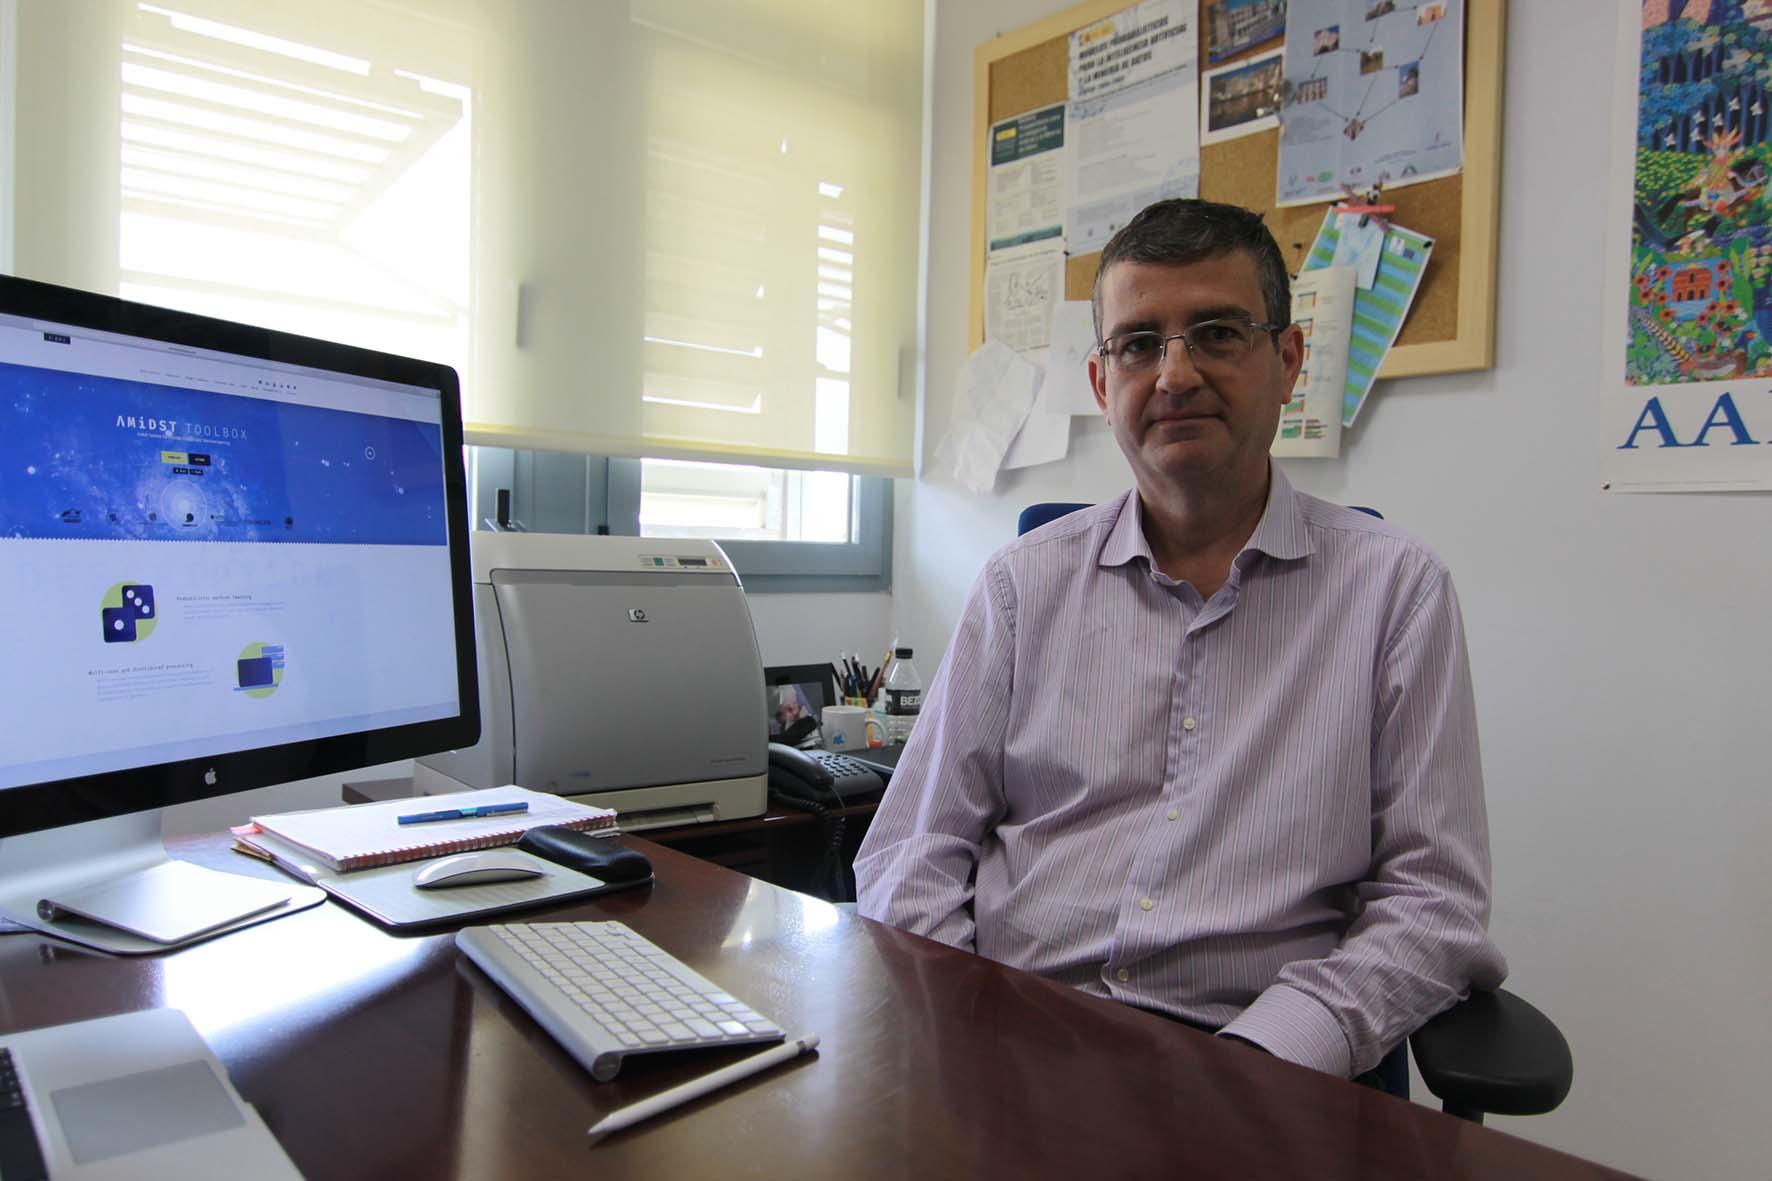 La UAL participa con éxito en el proyecto AMIDST sobre investigación de datos